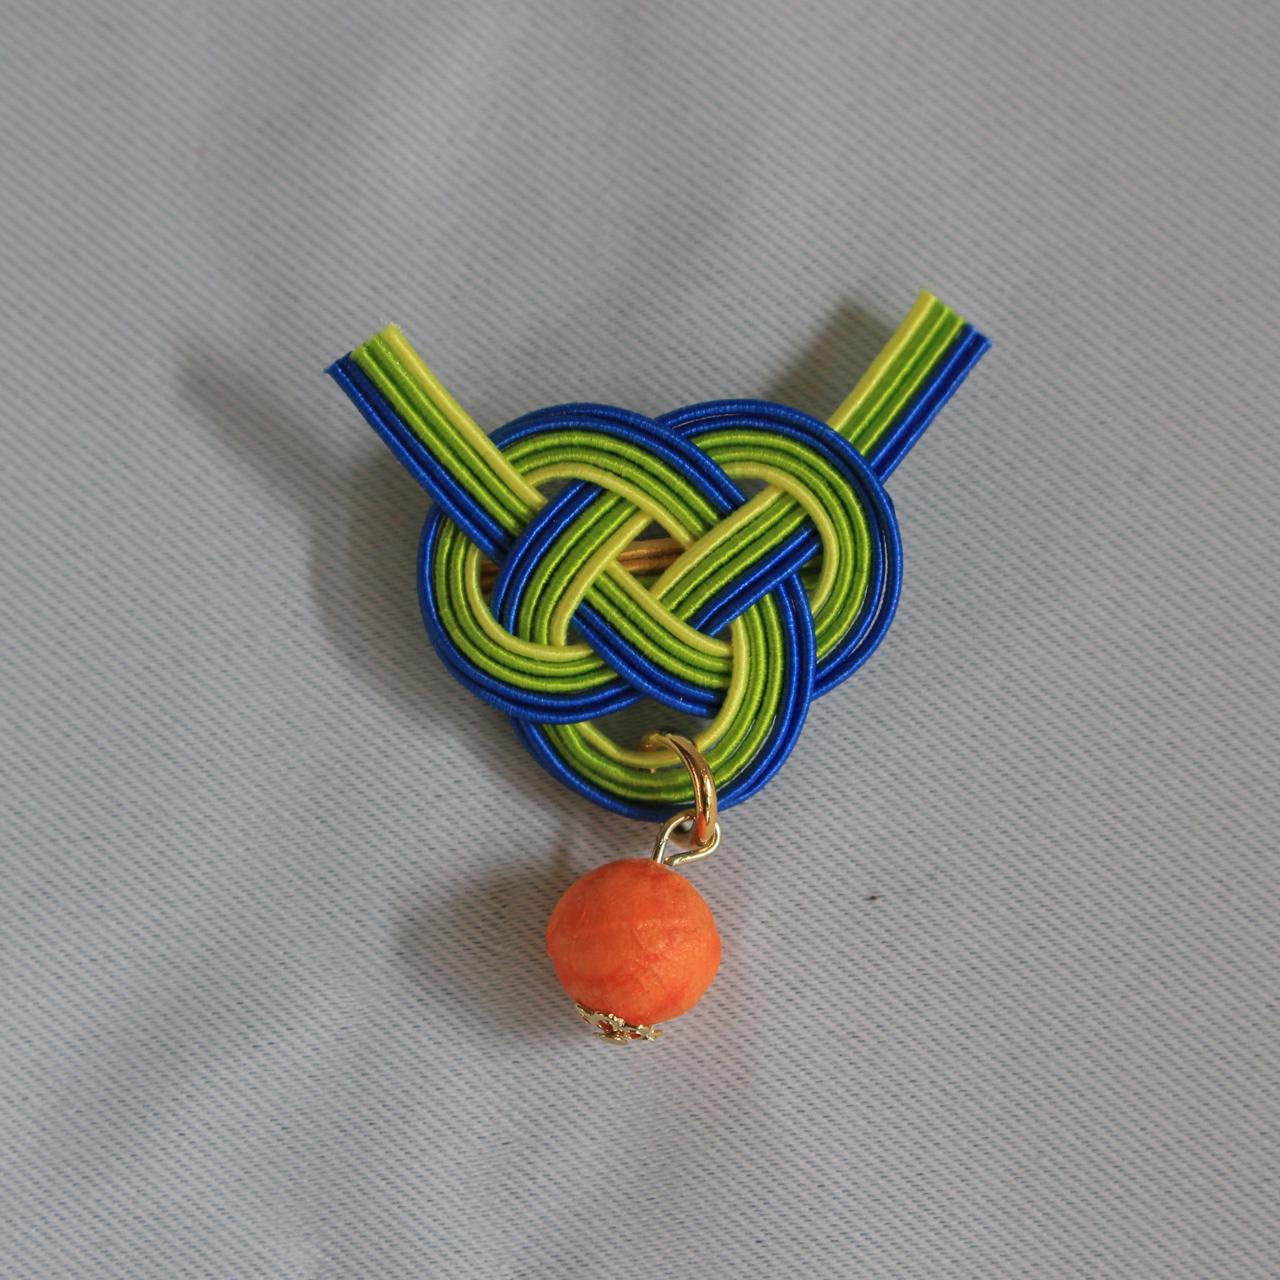 オレンジ和紙玉と青色緑色あわじ水引結びブローチ